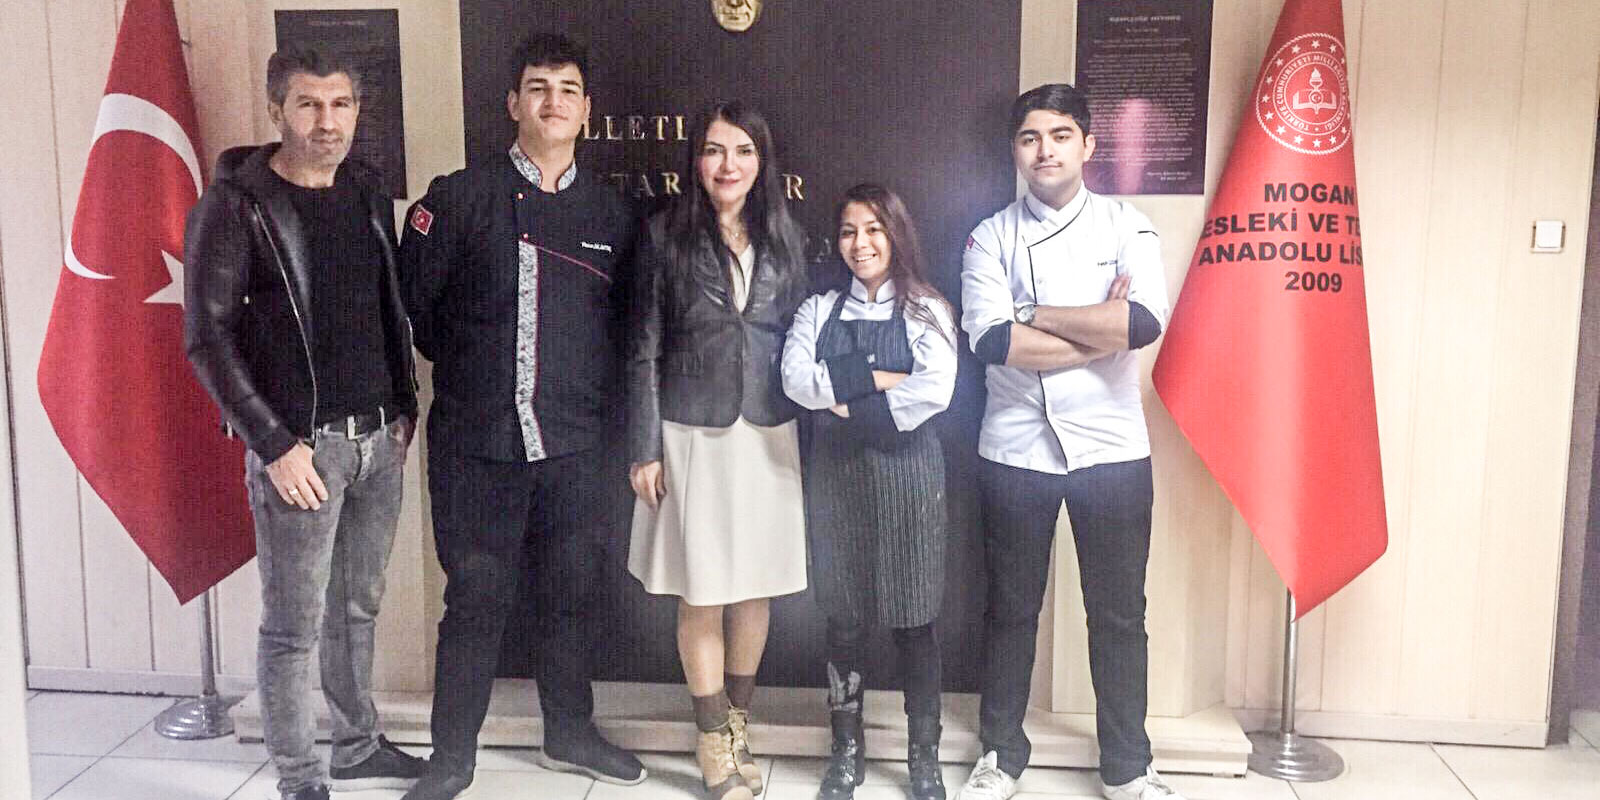 Mogan Mesleki Teknik Anadolu Lisesi Gastronomi Festivali Yemek Yarışması'na 3 öğrenci ile katıldı